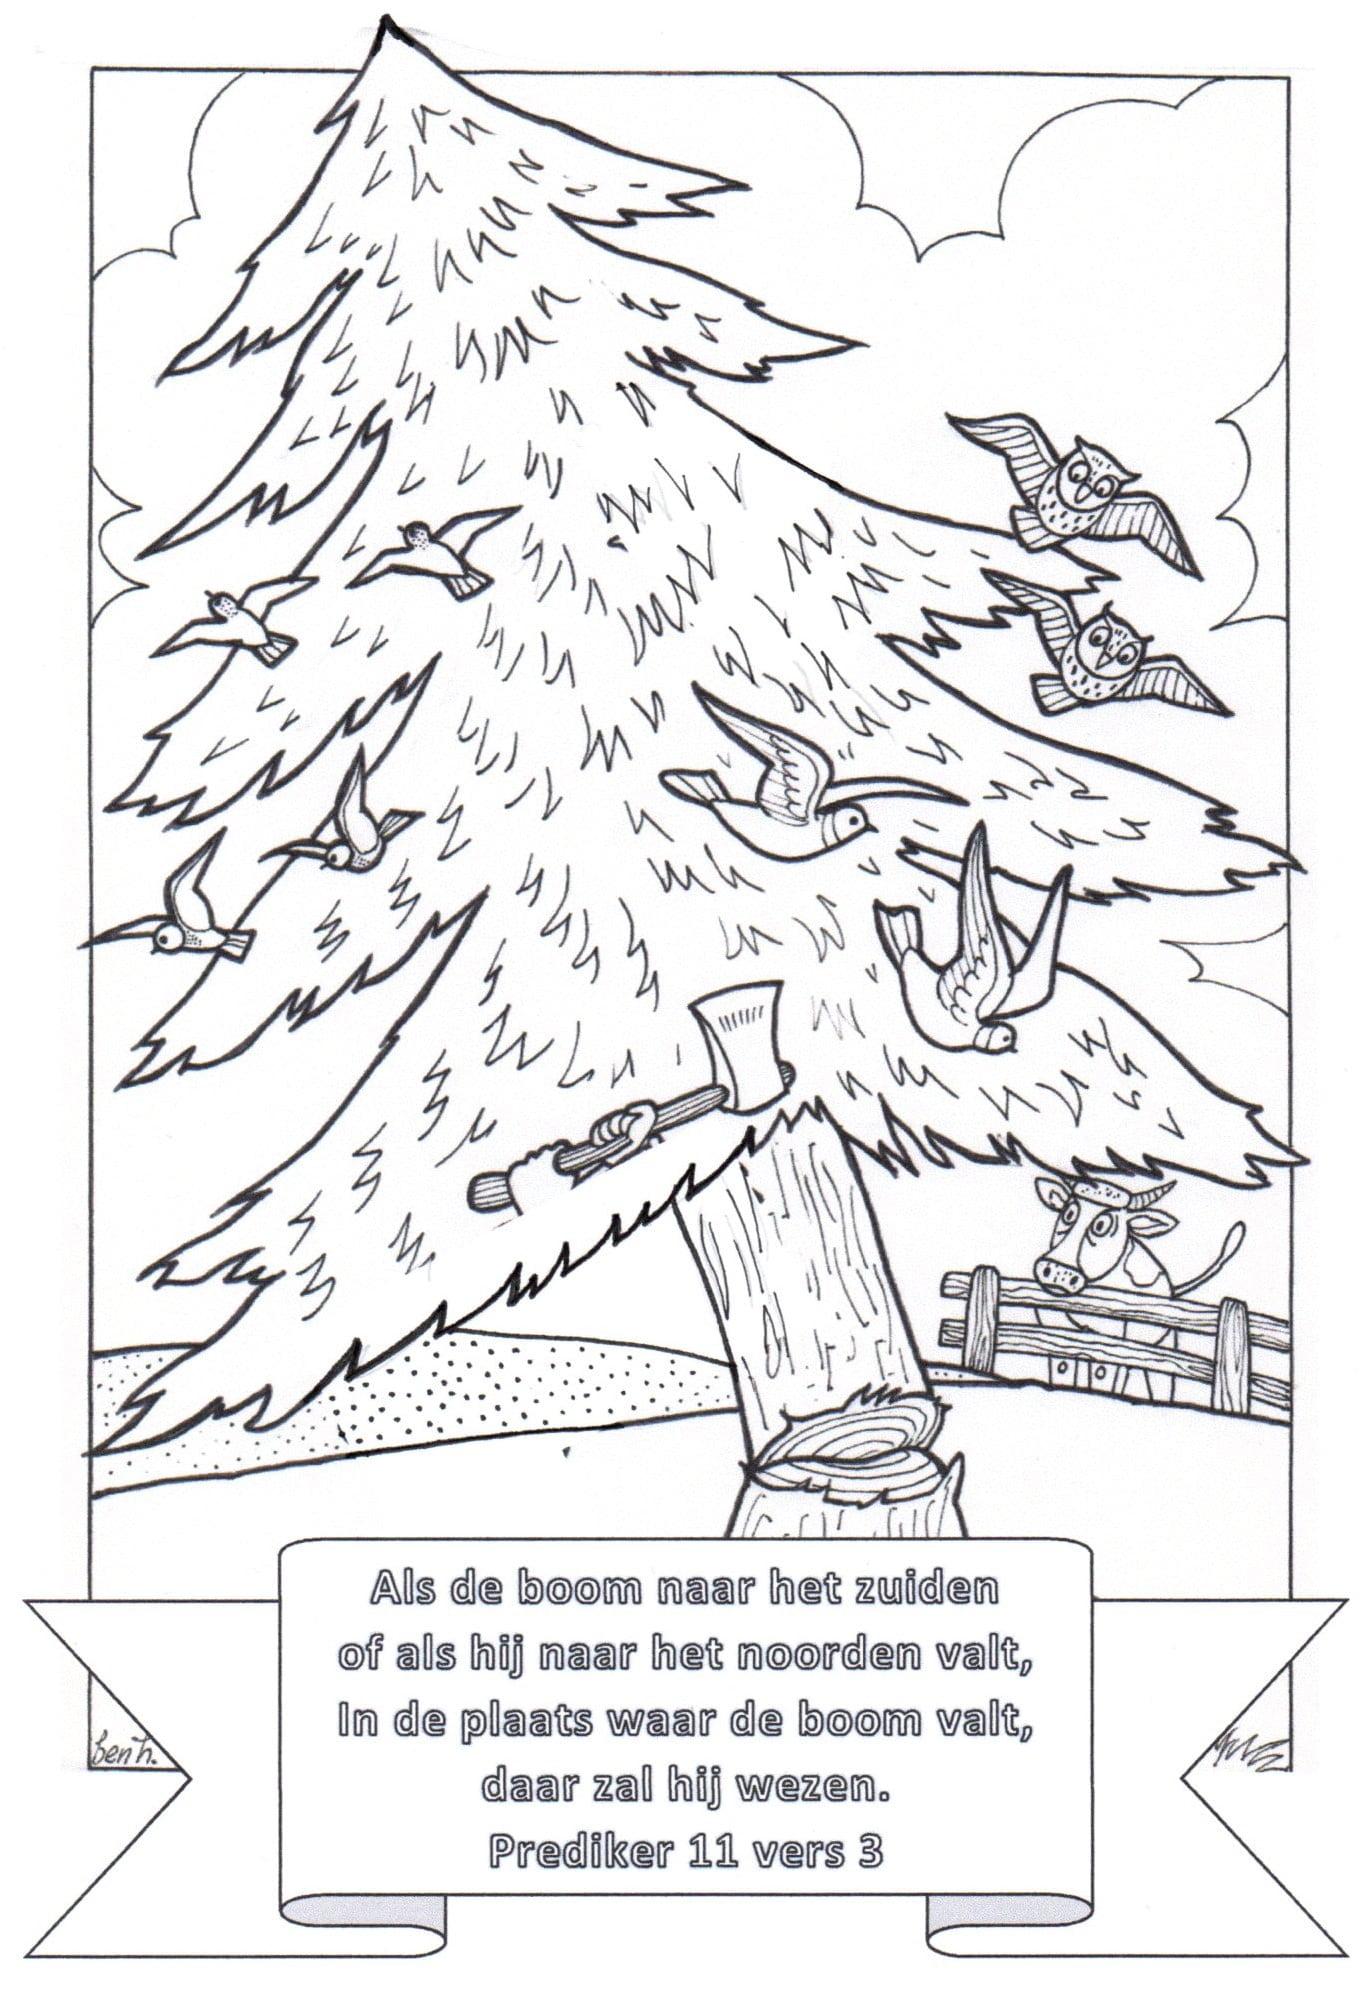 kleurplaat herfstboom 3 10 jr bijbels opvoeden nl